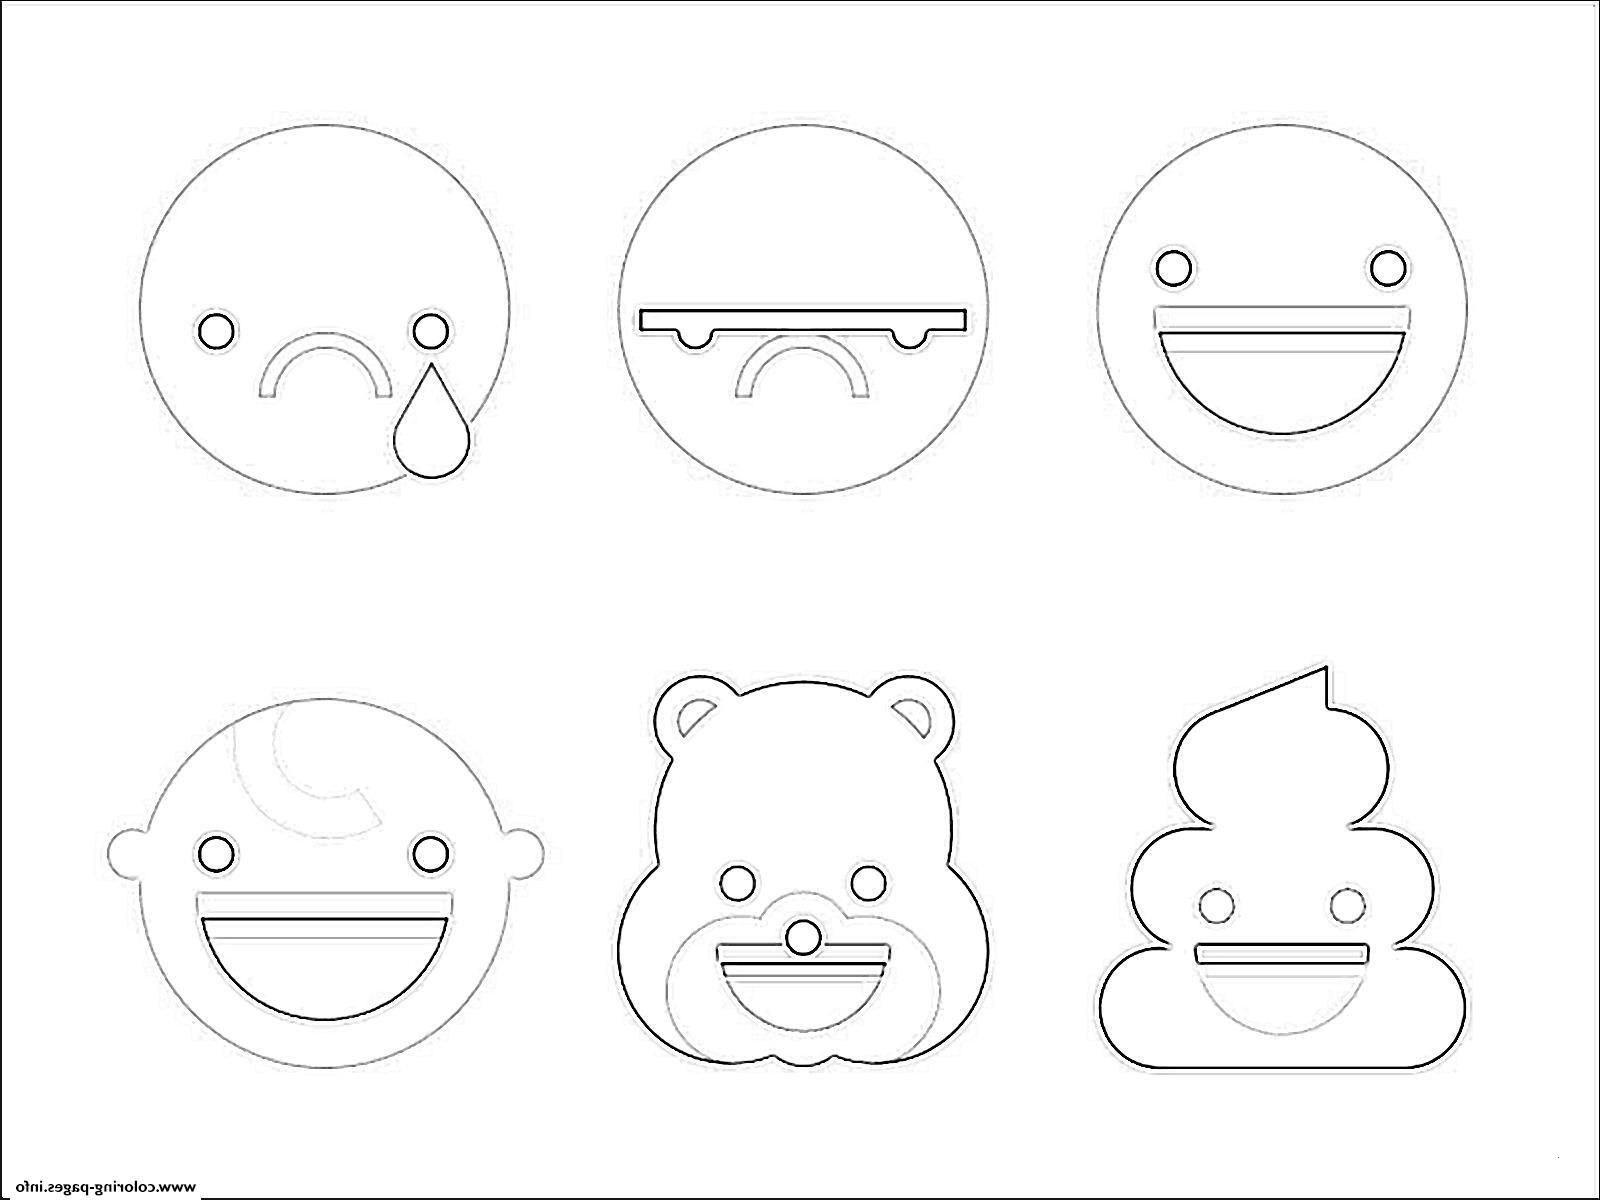 Einhorn Emoji Zum Ausmalen Das Beste Von 30 Schön Einhorn Emoji Ausmalbilder – Malvorlagen Ideen Fotos